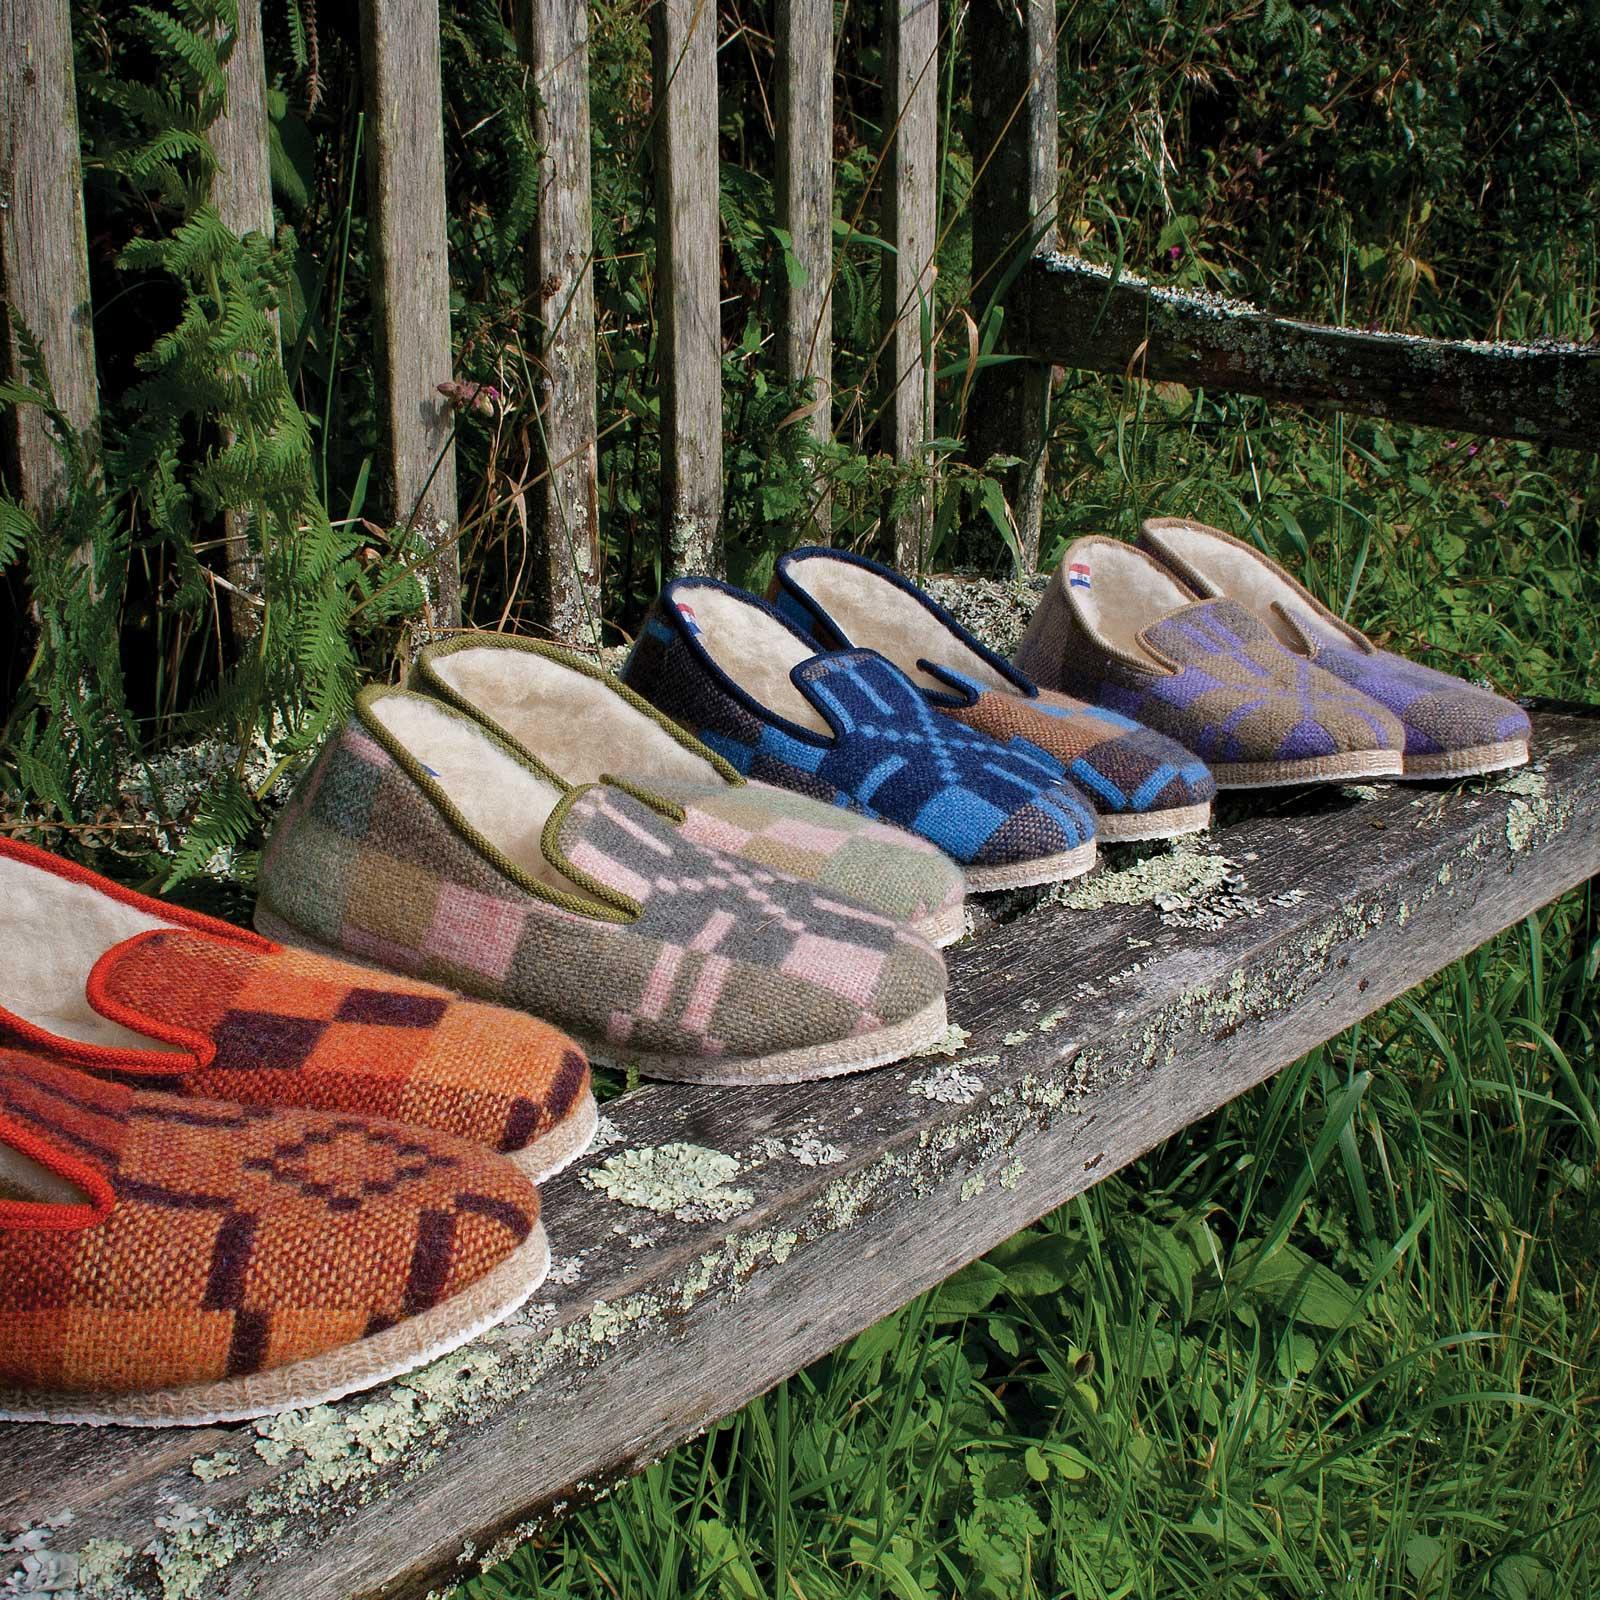 slippers_6843_1600.jpg